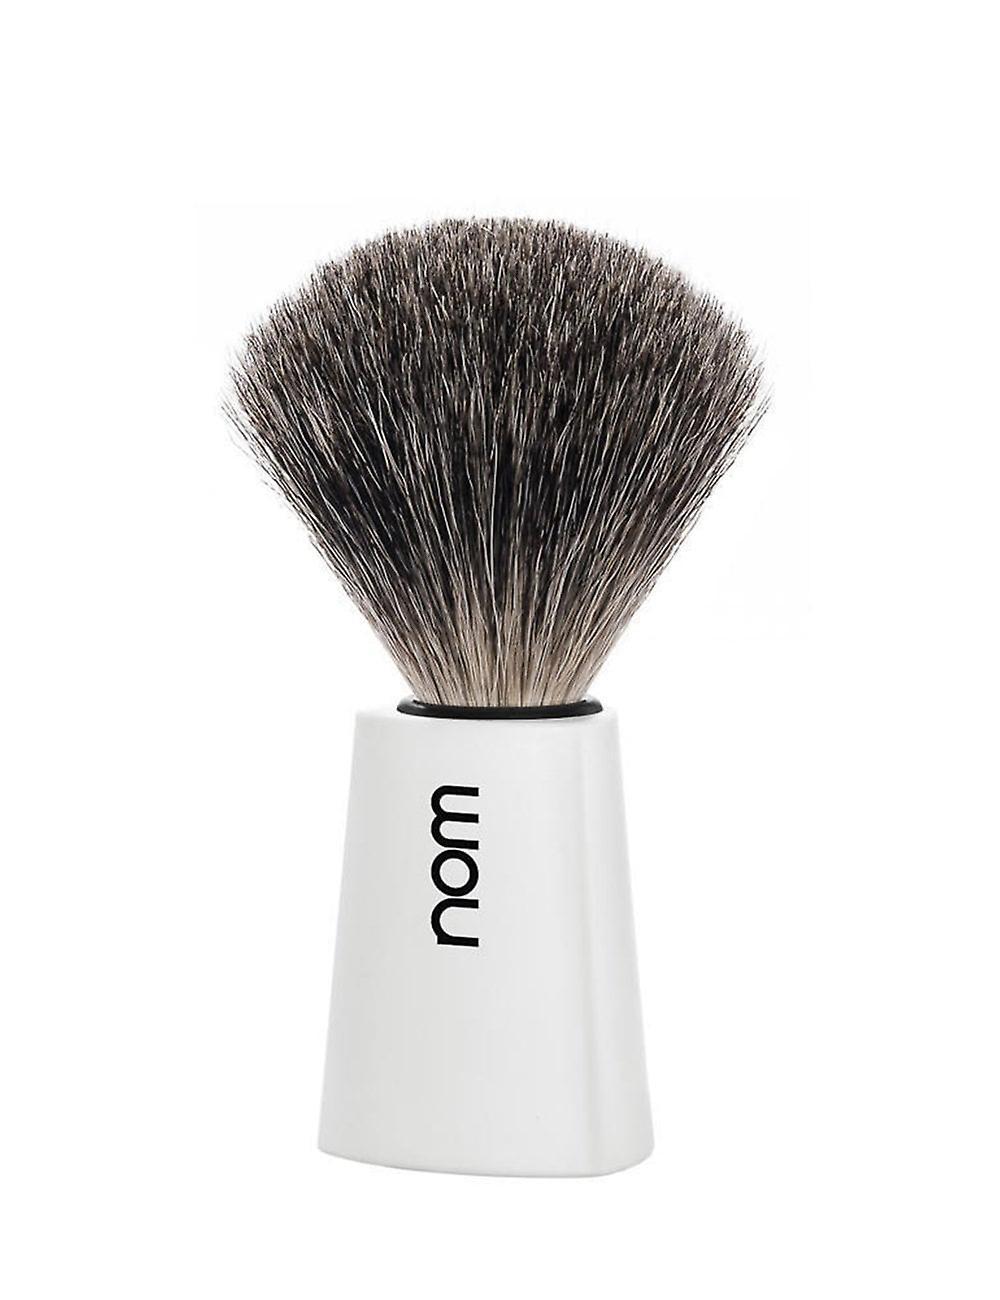 Nom Carl Pure Badger Shaving Brush - White